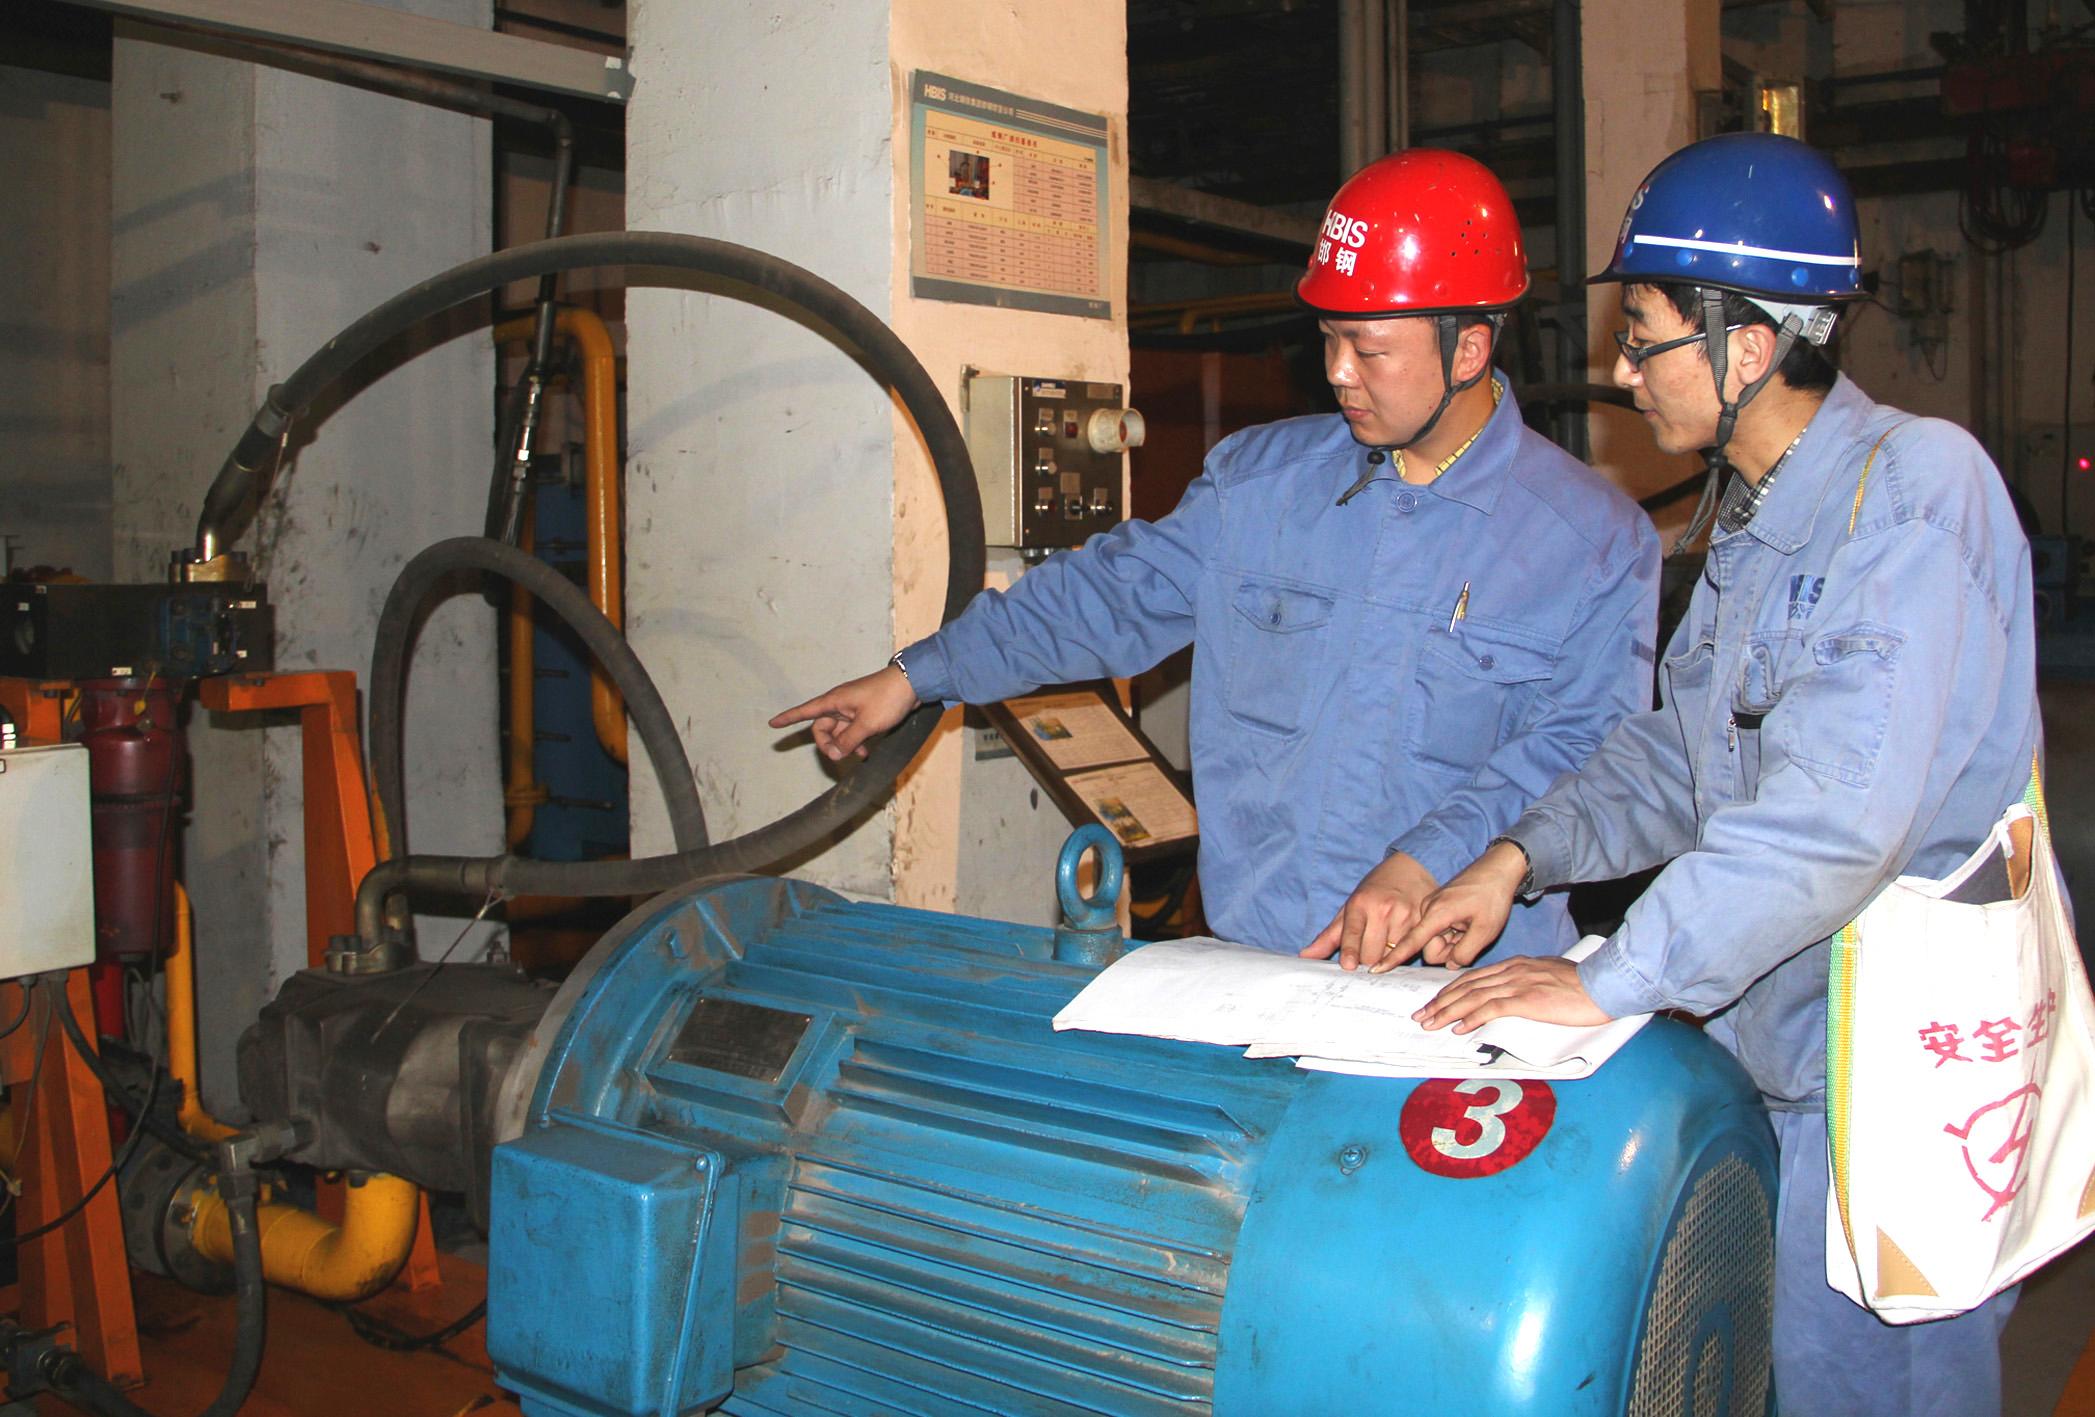 表面工程技术在设备维修中的应用